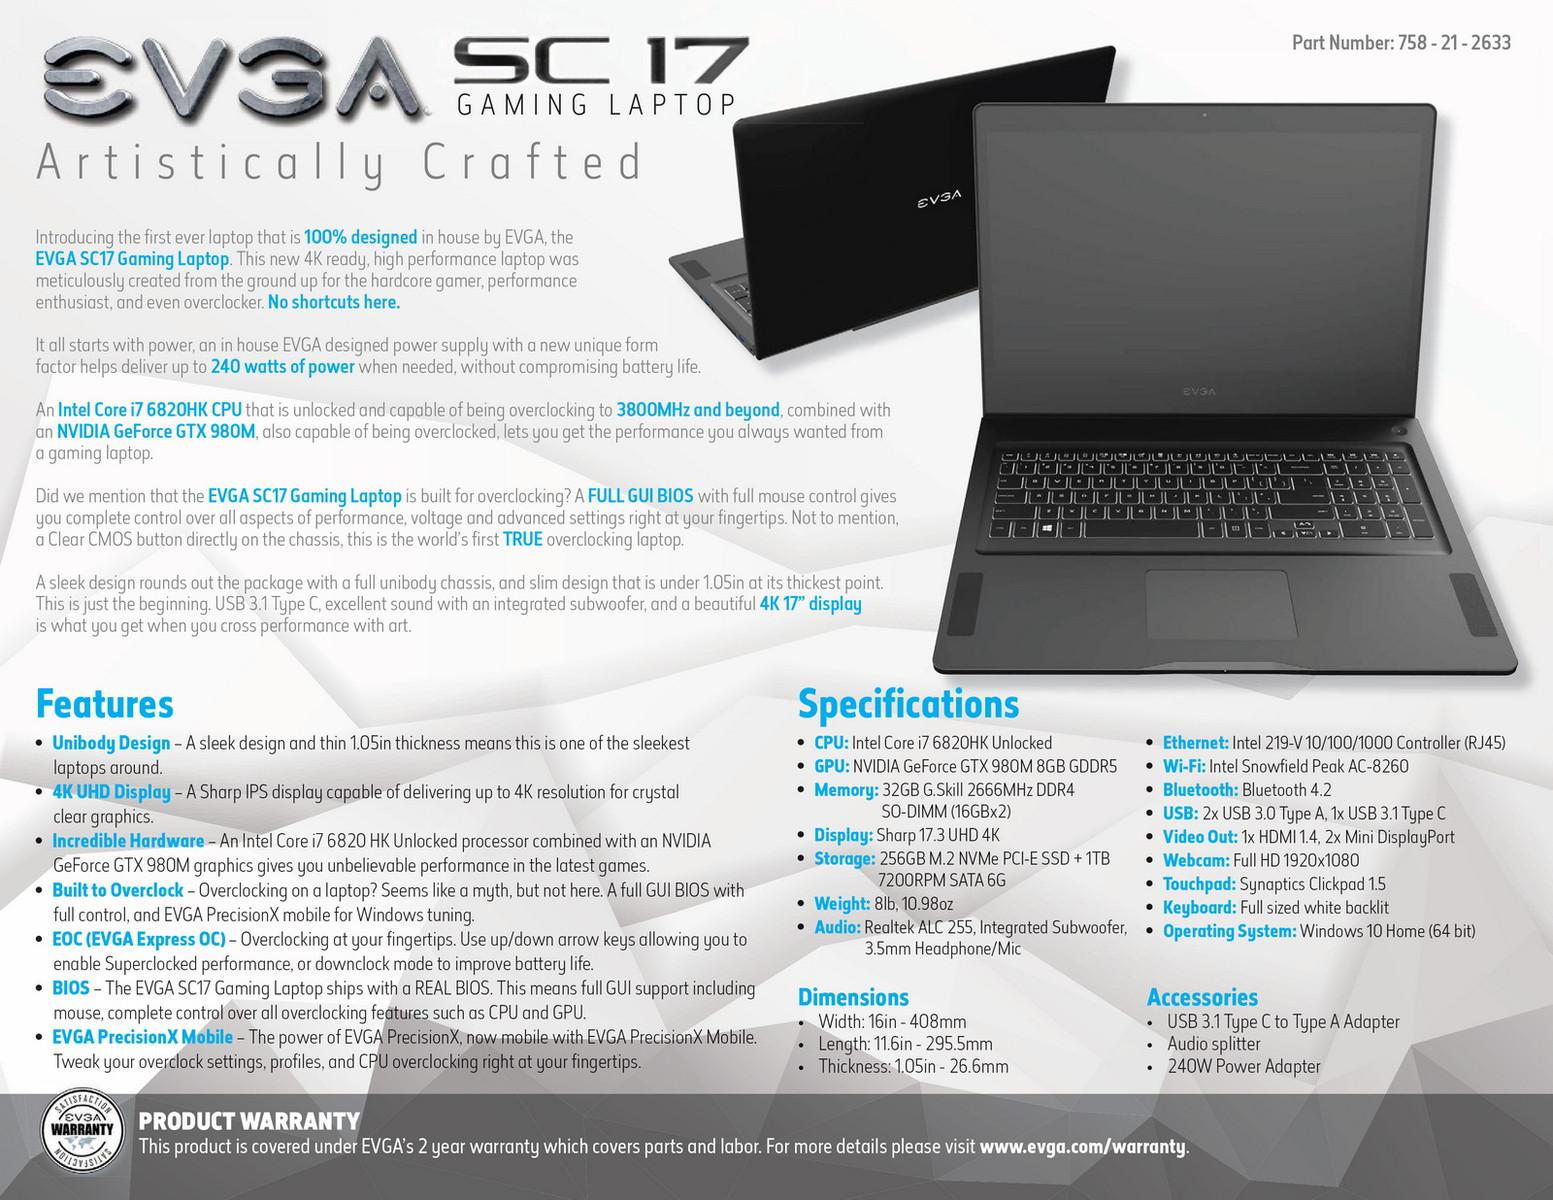 Evga Details Sc17 Gaming Laptop With Geforce Gtx 980m